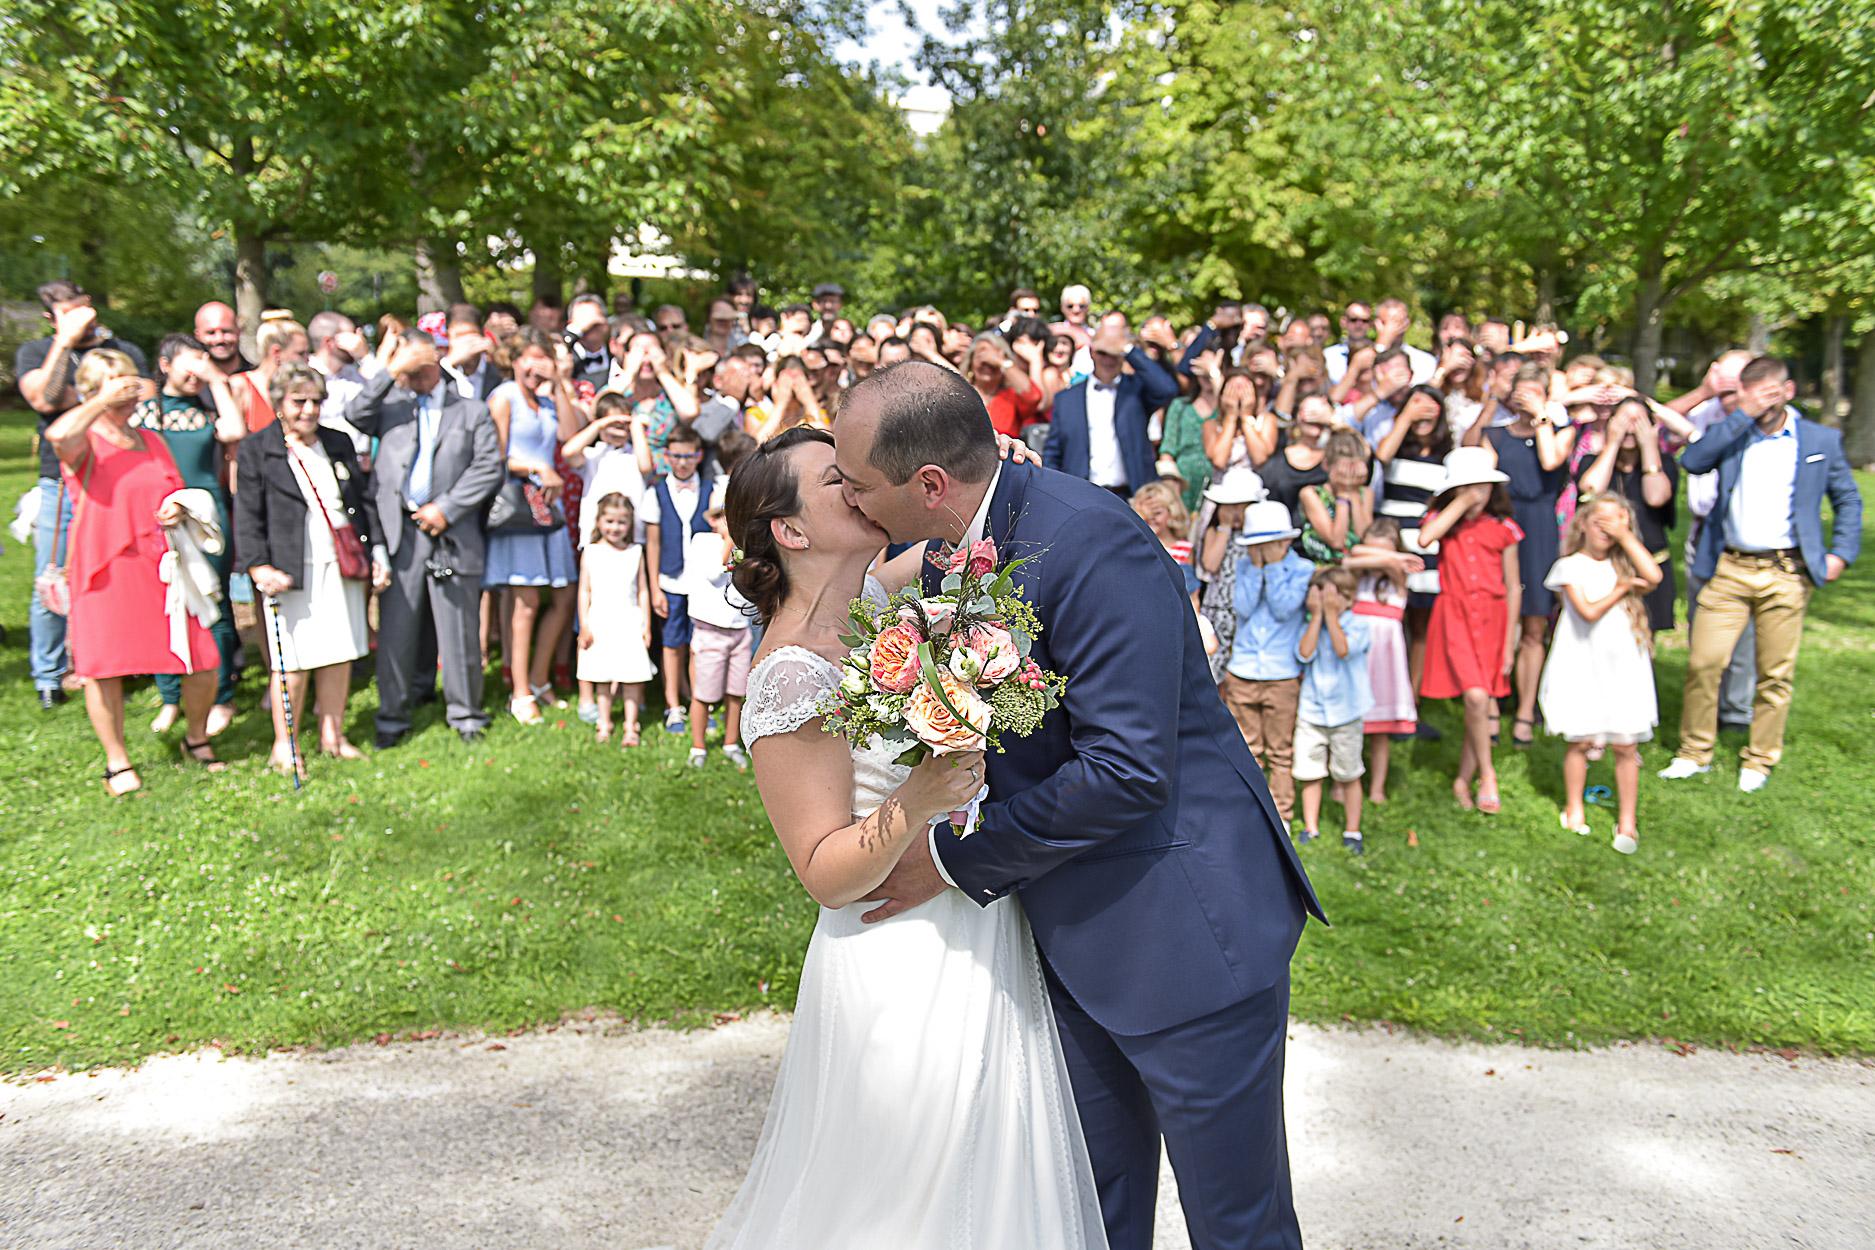 photographe-mariage-photo-groupe-maries